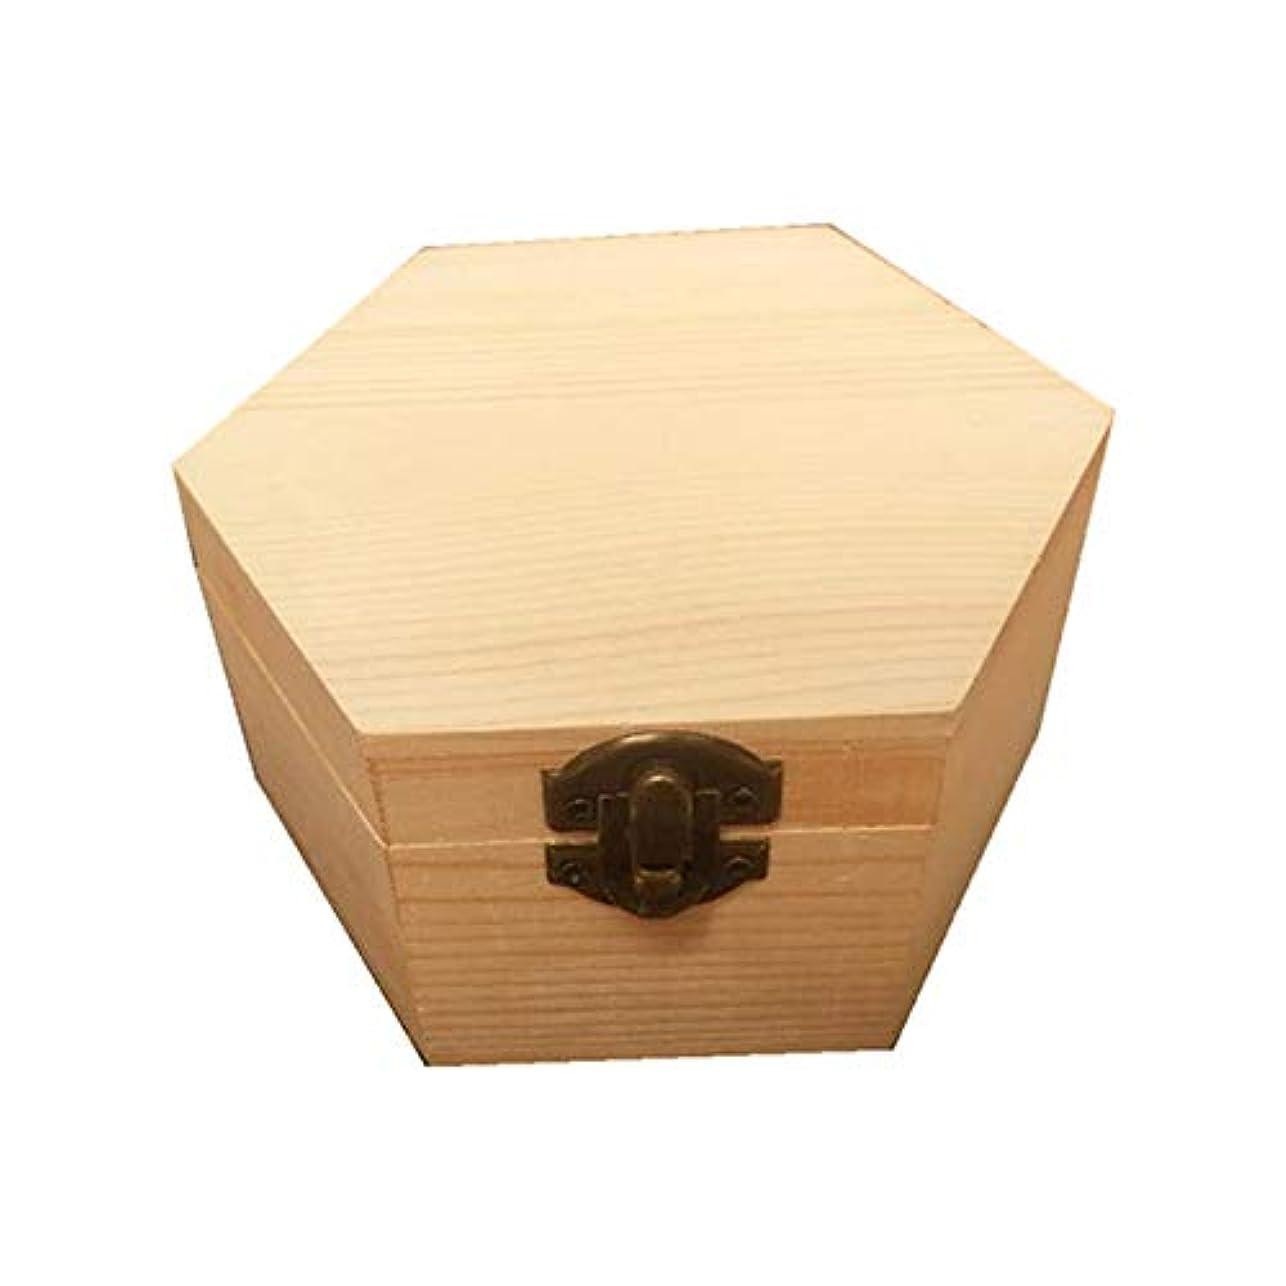 お勧め歯科の民間手作りの木製ギフトボックスパーフェクトエッセンシャルオイルケースにエッセンシャルオイル アロマセラピー製品 (色 : Natural, サイズ : 13X11.3X6.8CM)